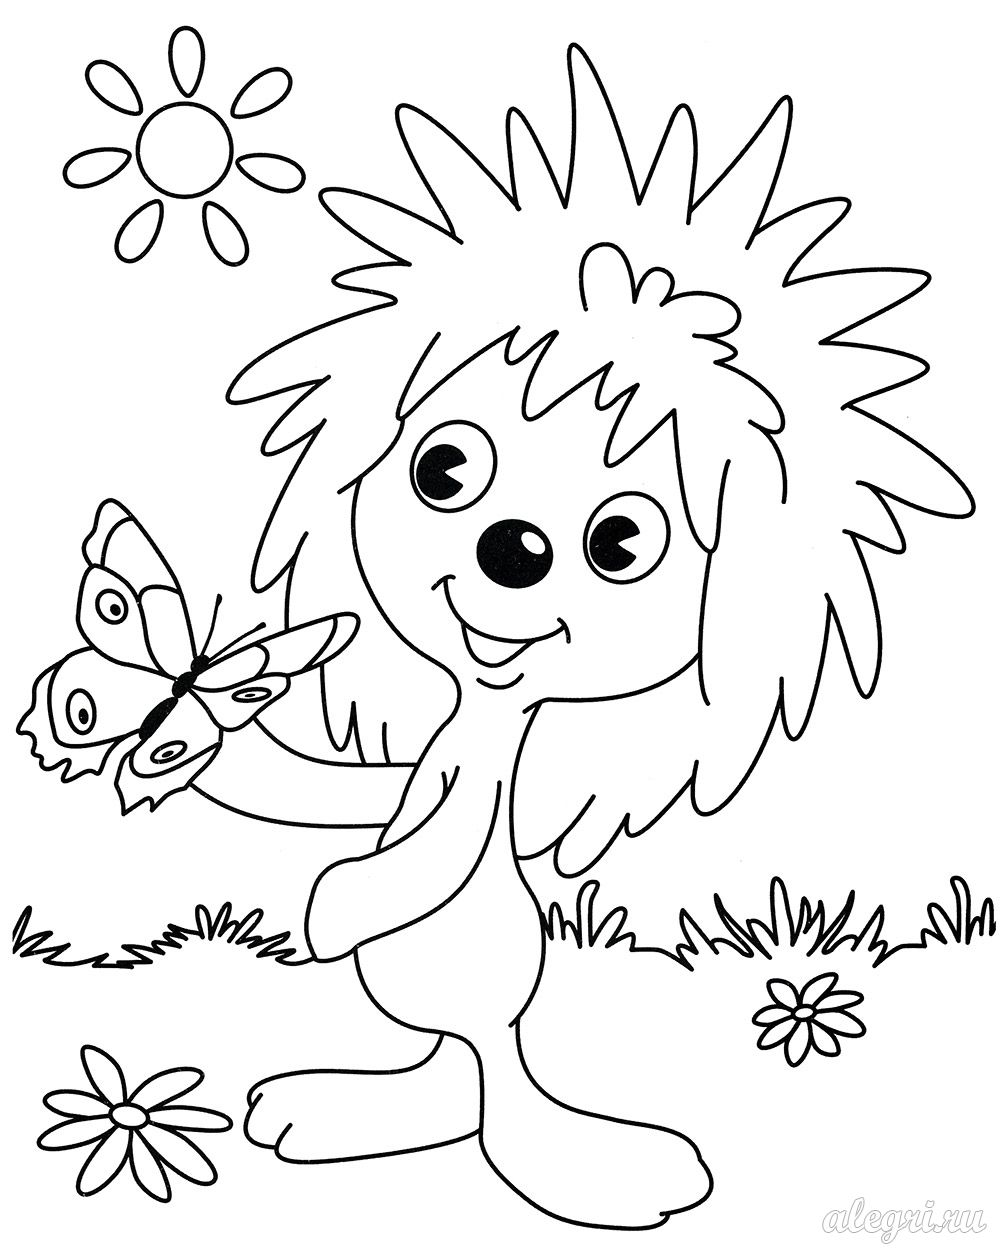 раскраски для детей 5 6 лет распечатать бесплатно